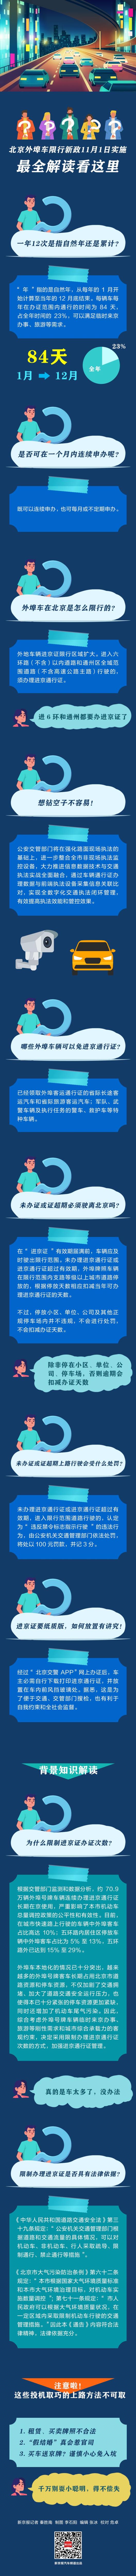 瑞博开户中心·东亚中国成为首家获准在前海开设分行的外资银行